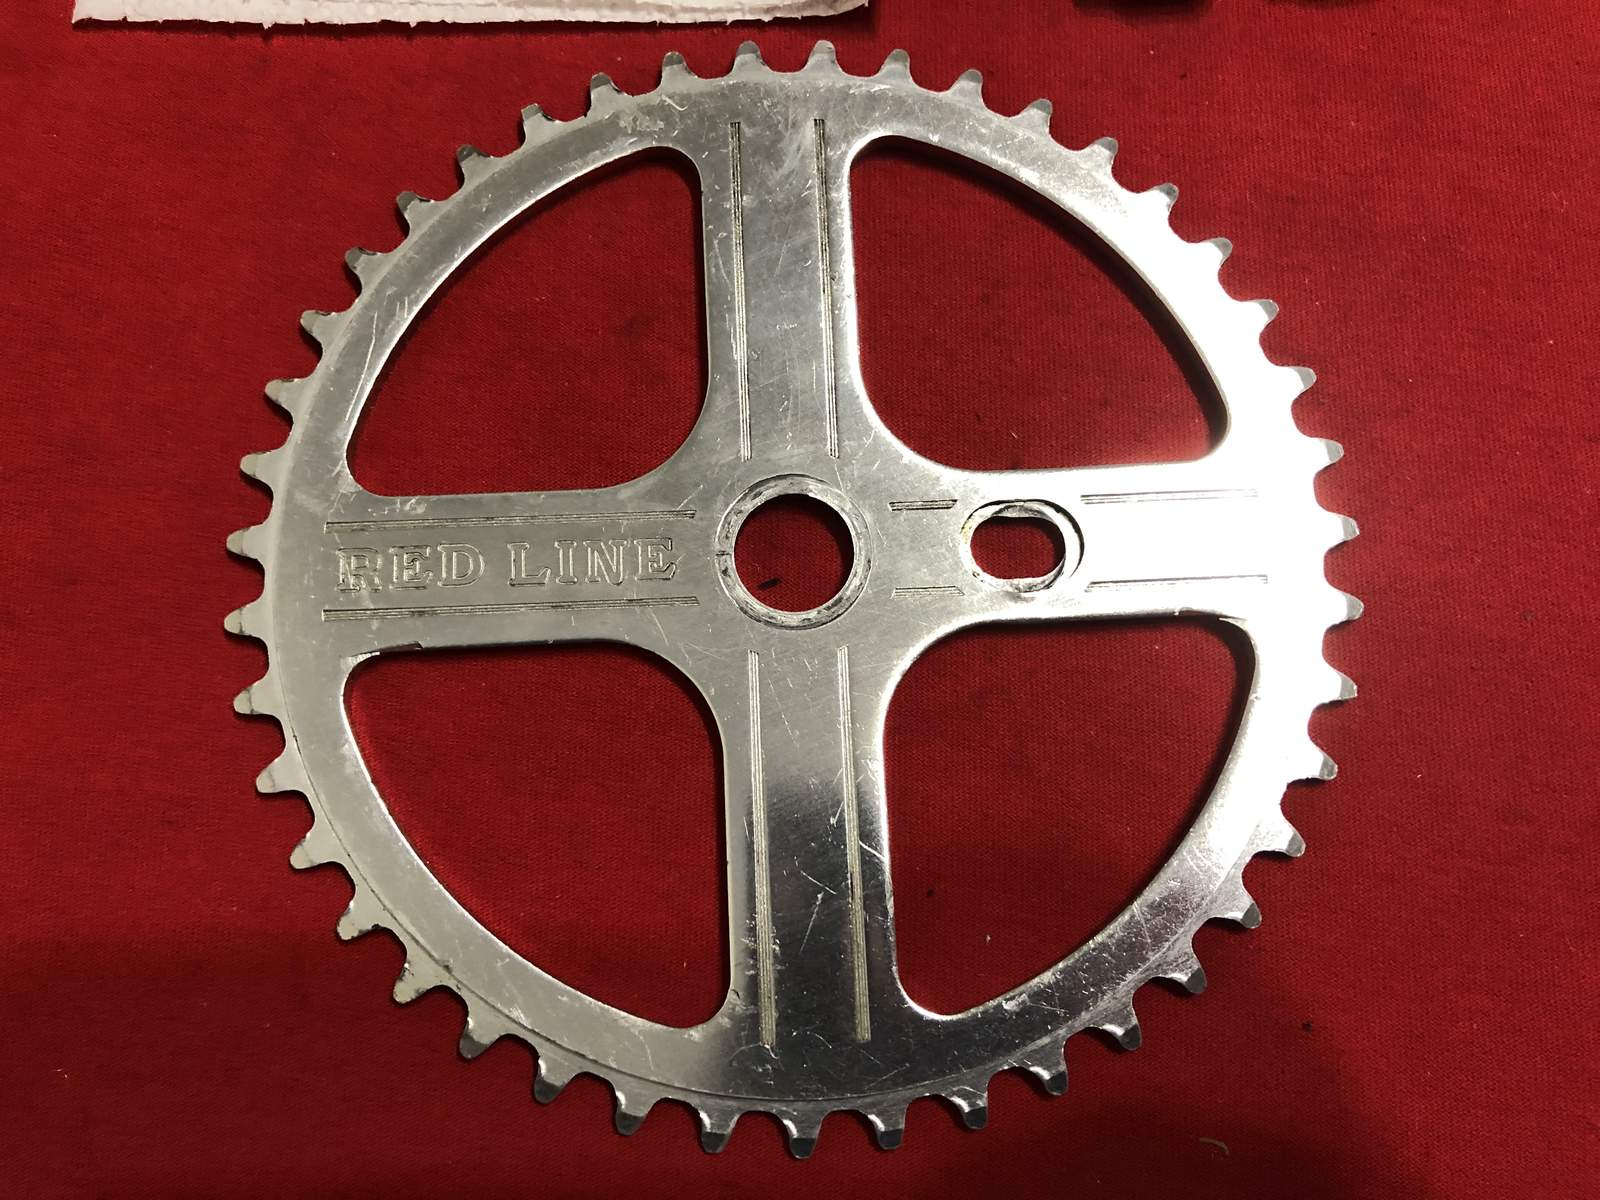 http://uploads.bmxmuseum.com/user-images/83304/img_58935c5113e8a8.jpg